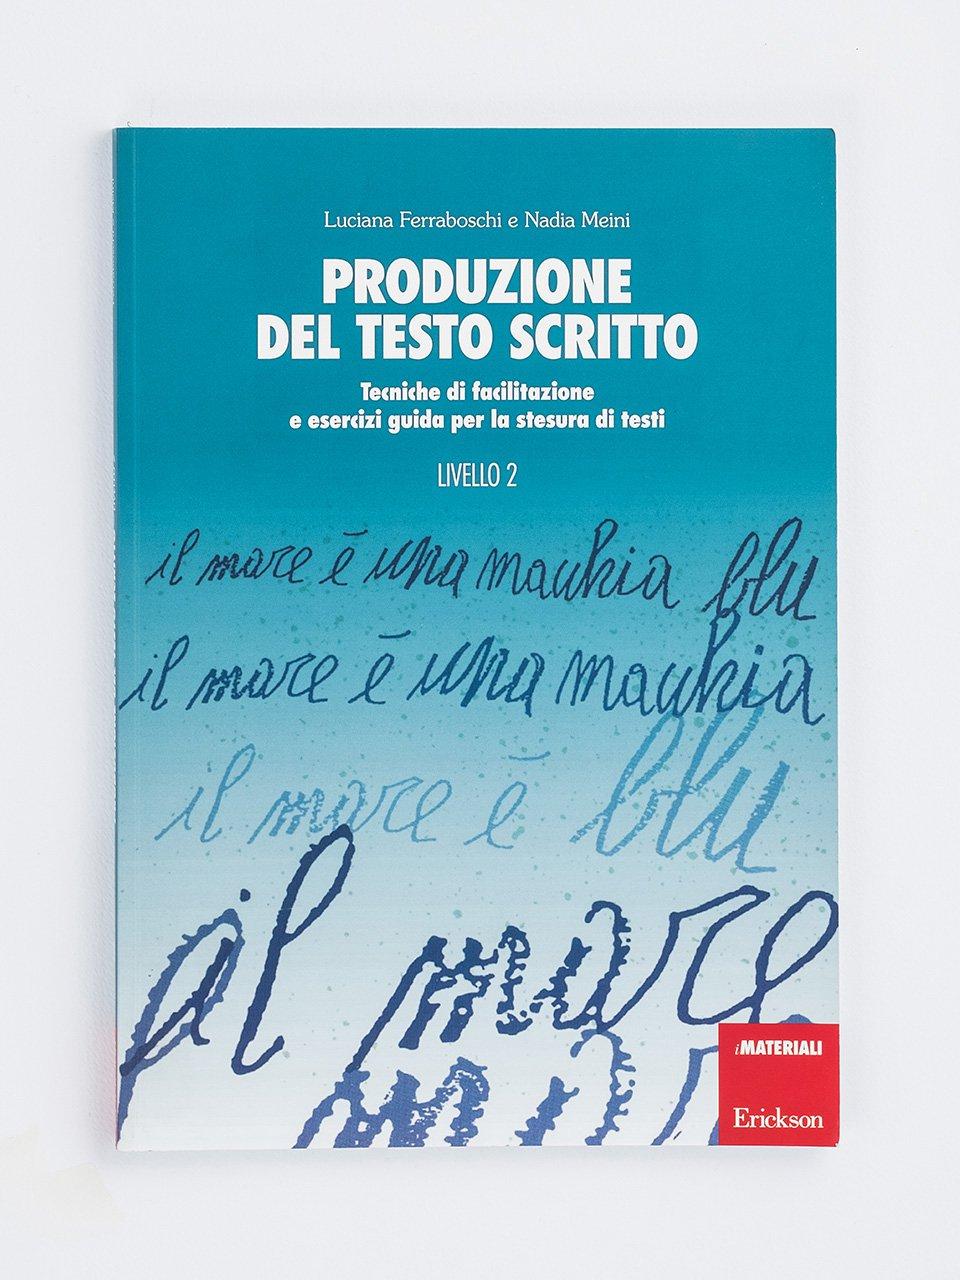 Produzione del testo scritto - Livello 2 - Luciana Ferraboschi - Erickson